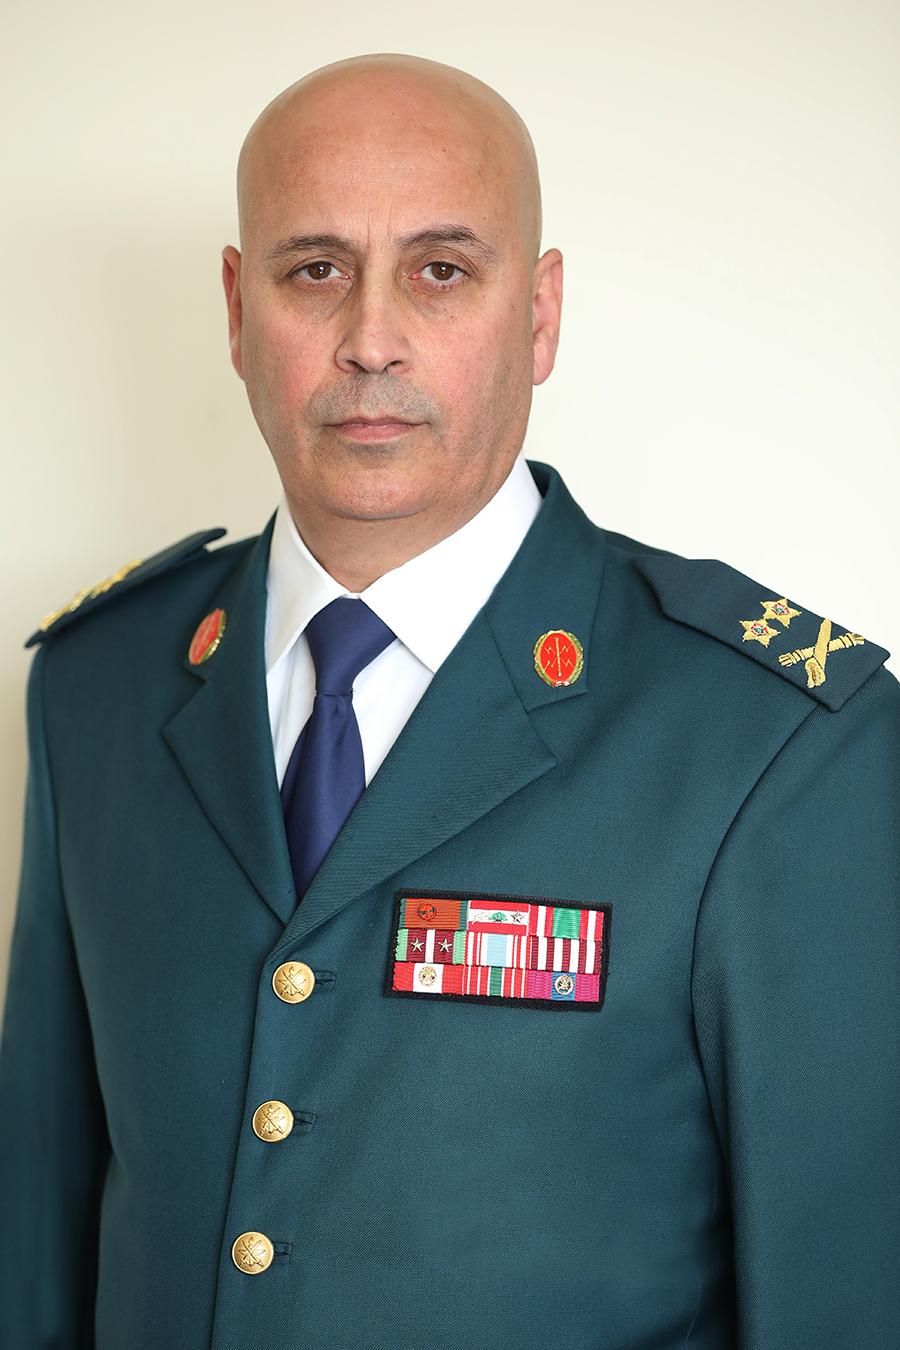 officier de l'armée et enrôlé datant